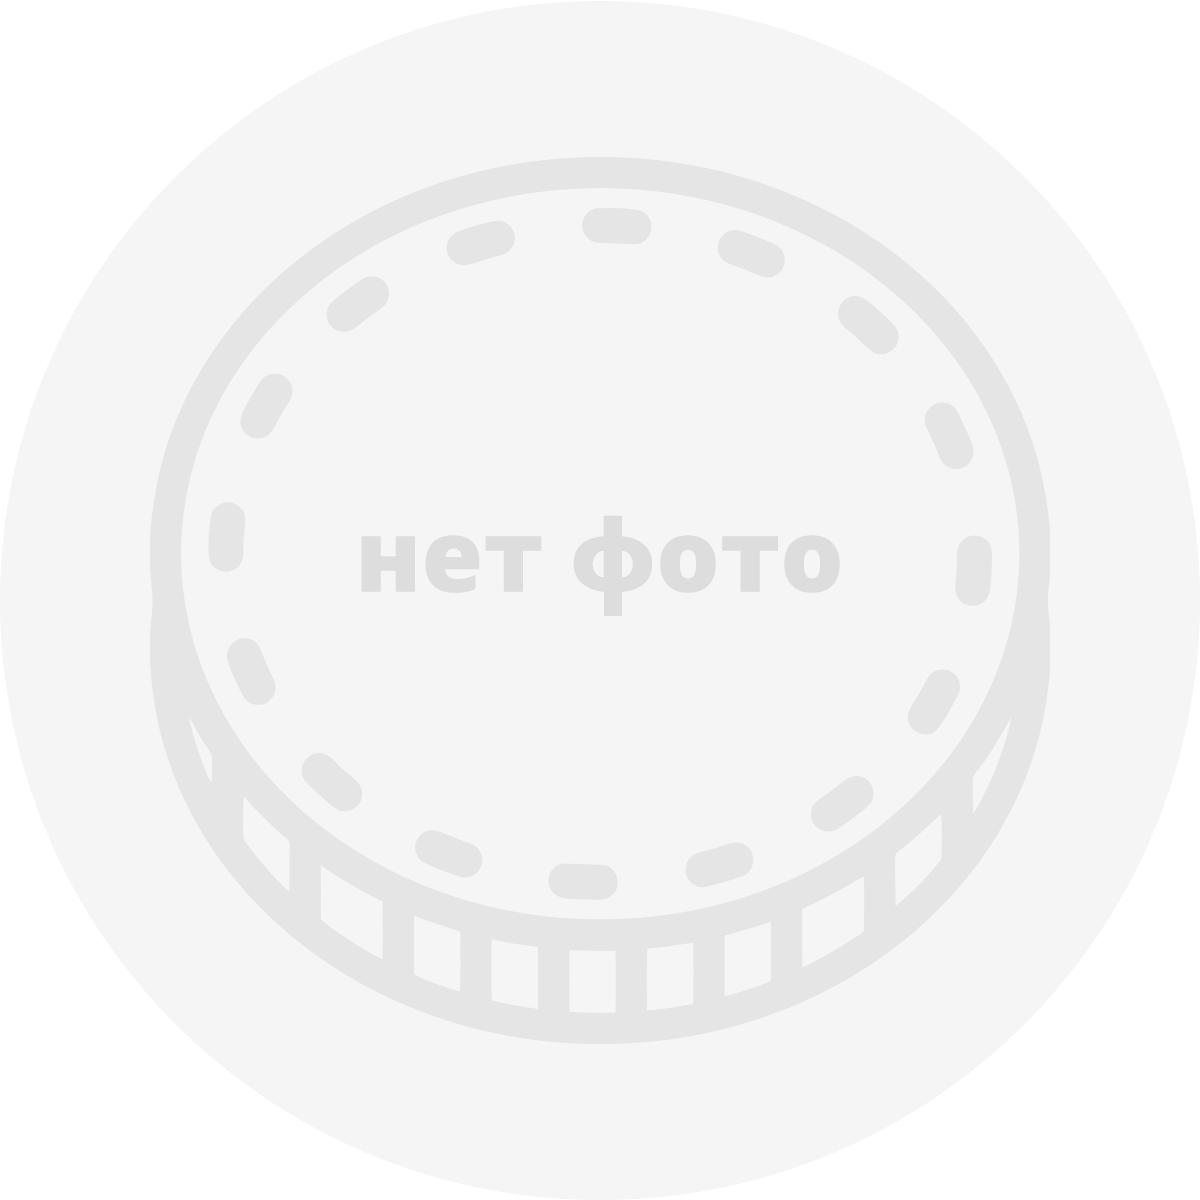 Виргинские острова, Набор монет (2013 г.)